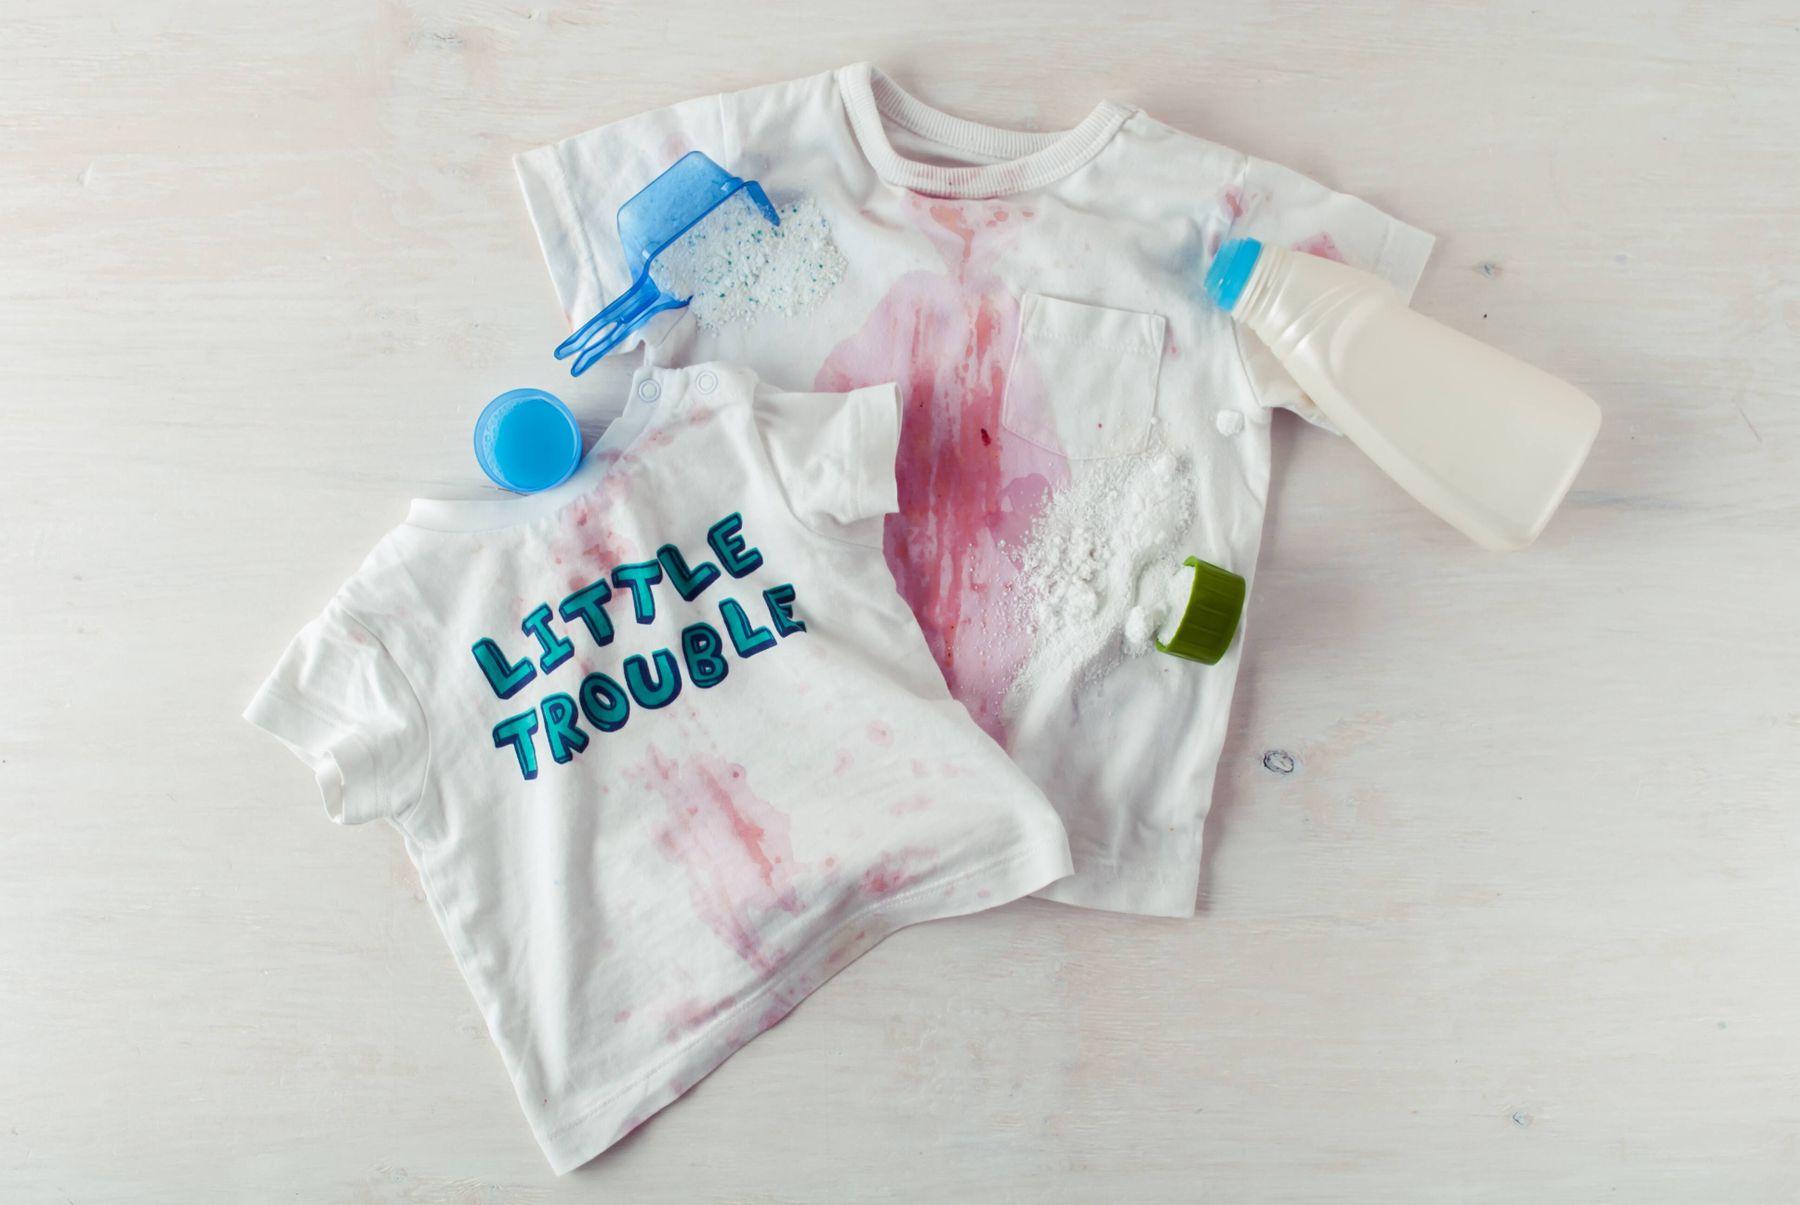 Bebek kıyafetlerini yıkamak için doğru deterjan nasıl seçilir?